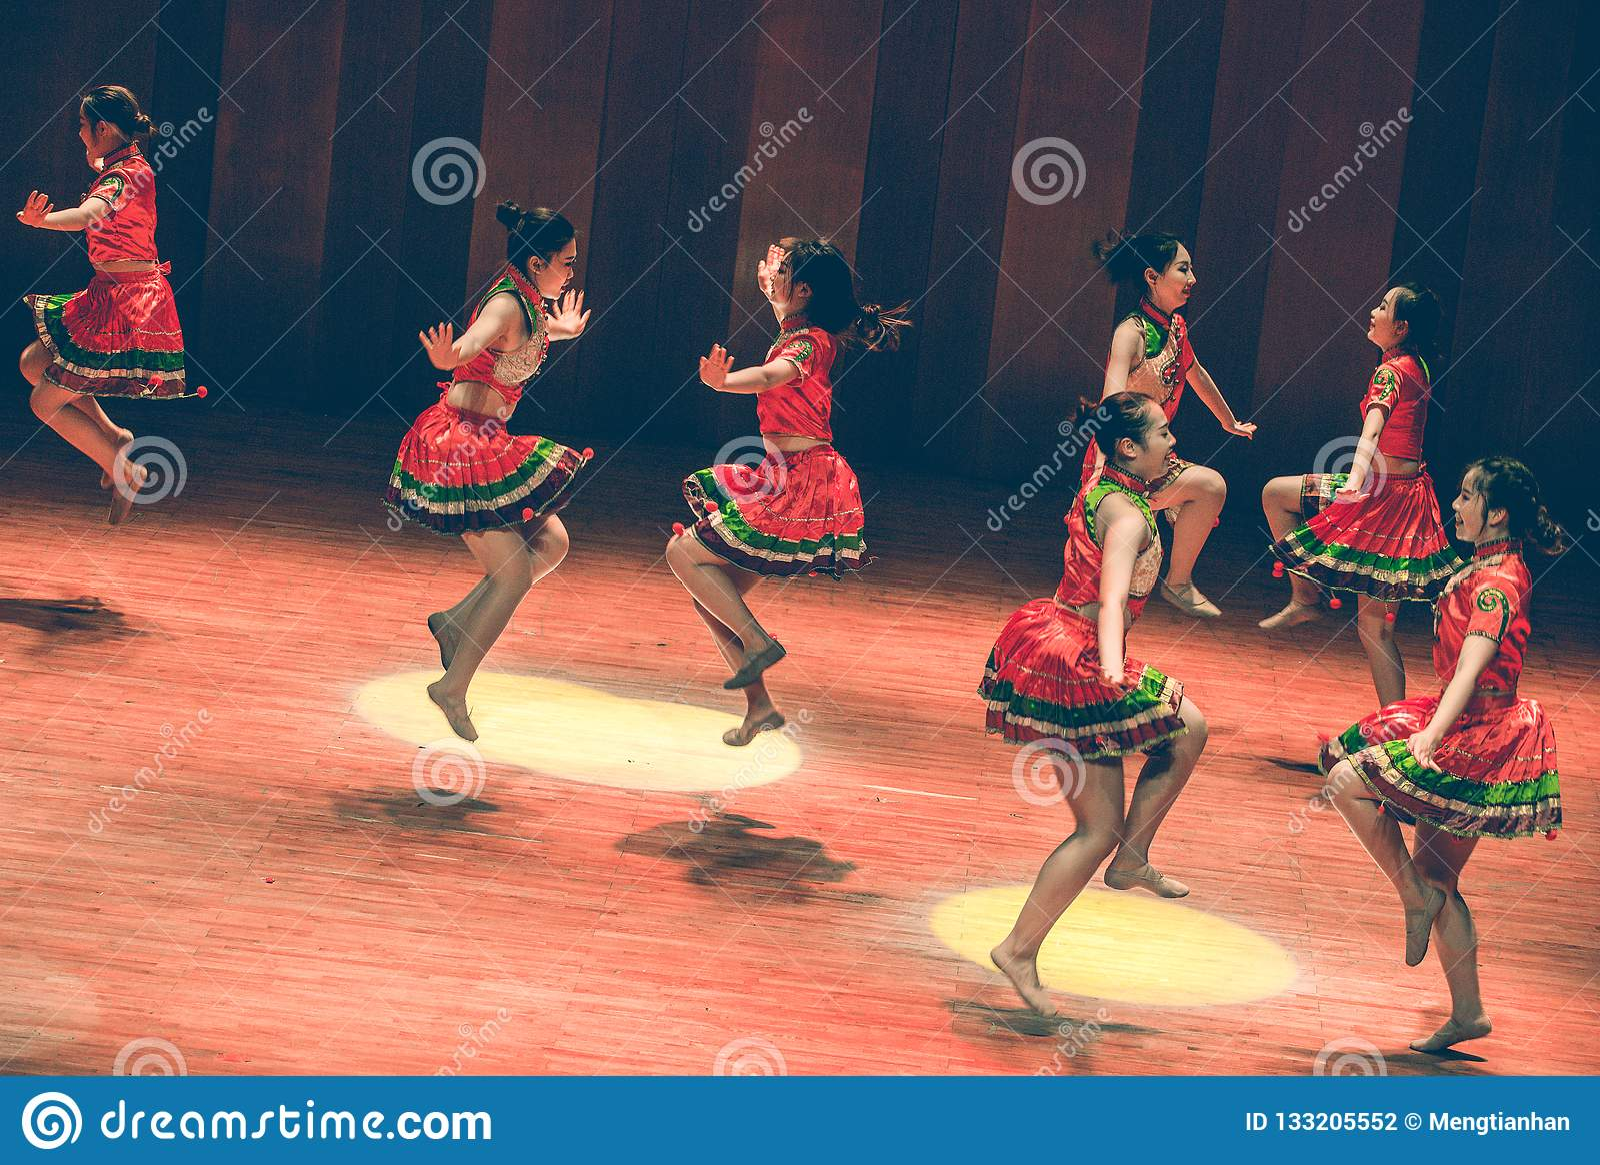 Народный танец скачк-Yi танца-Axi короткой юбки